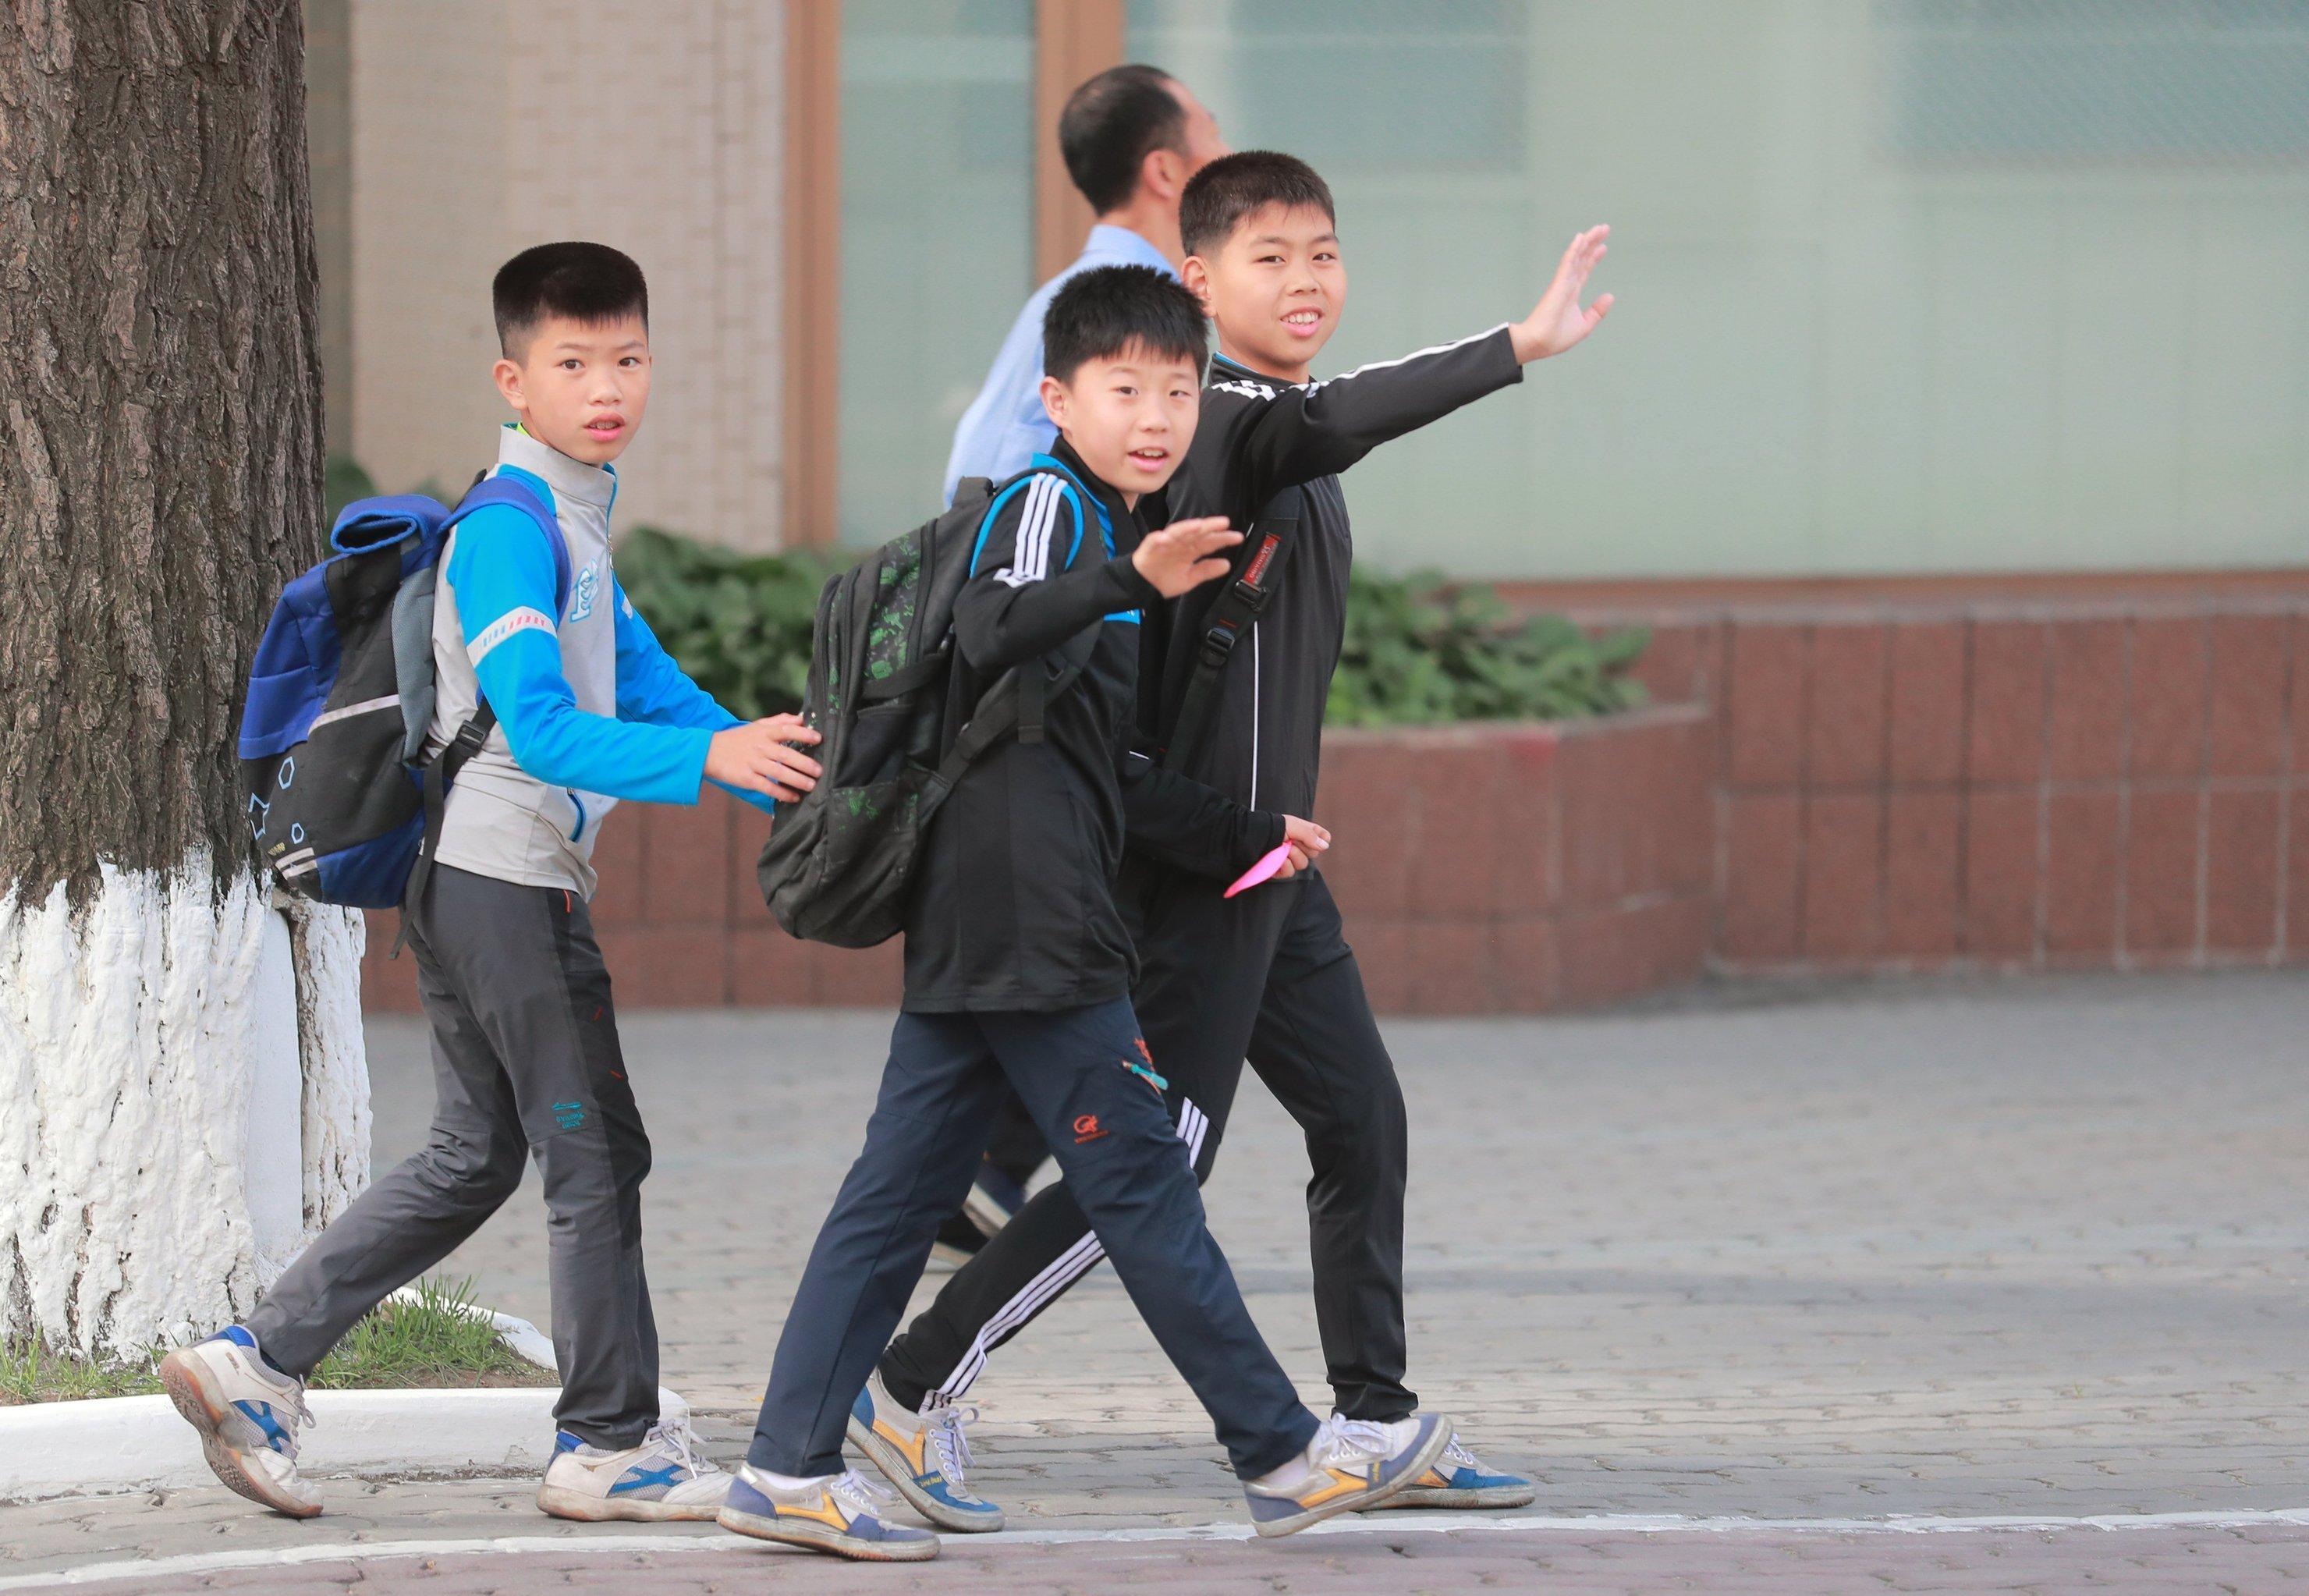 از جوانان کره شمالی چه میدانیم؟ +تصاویر - 15